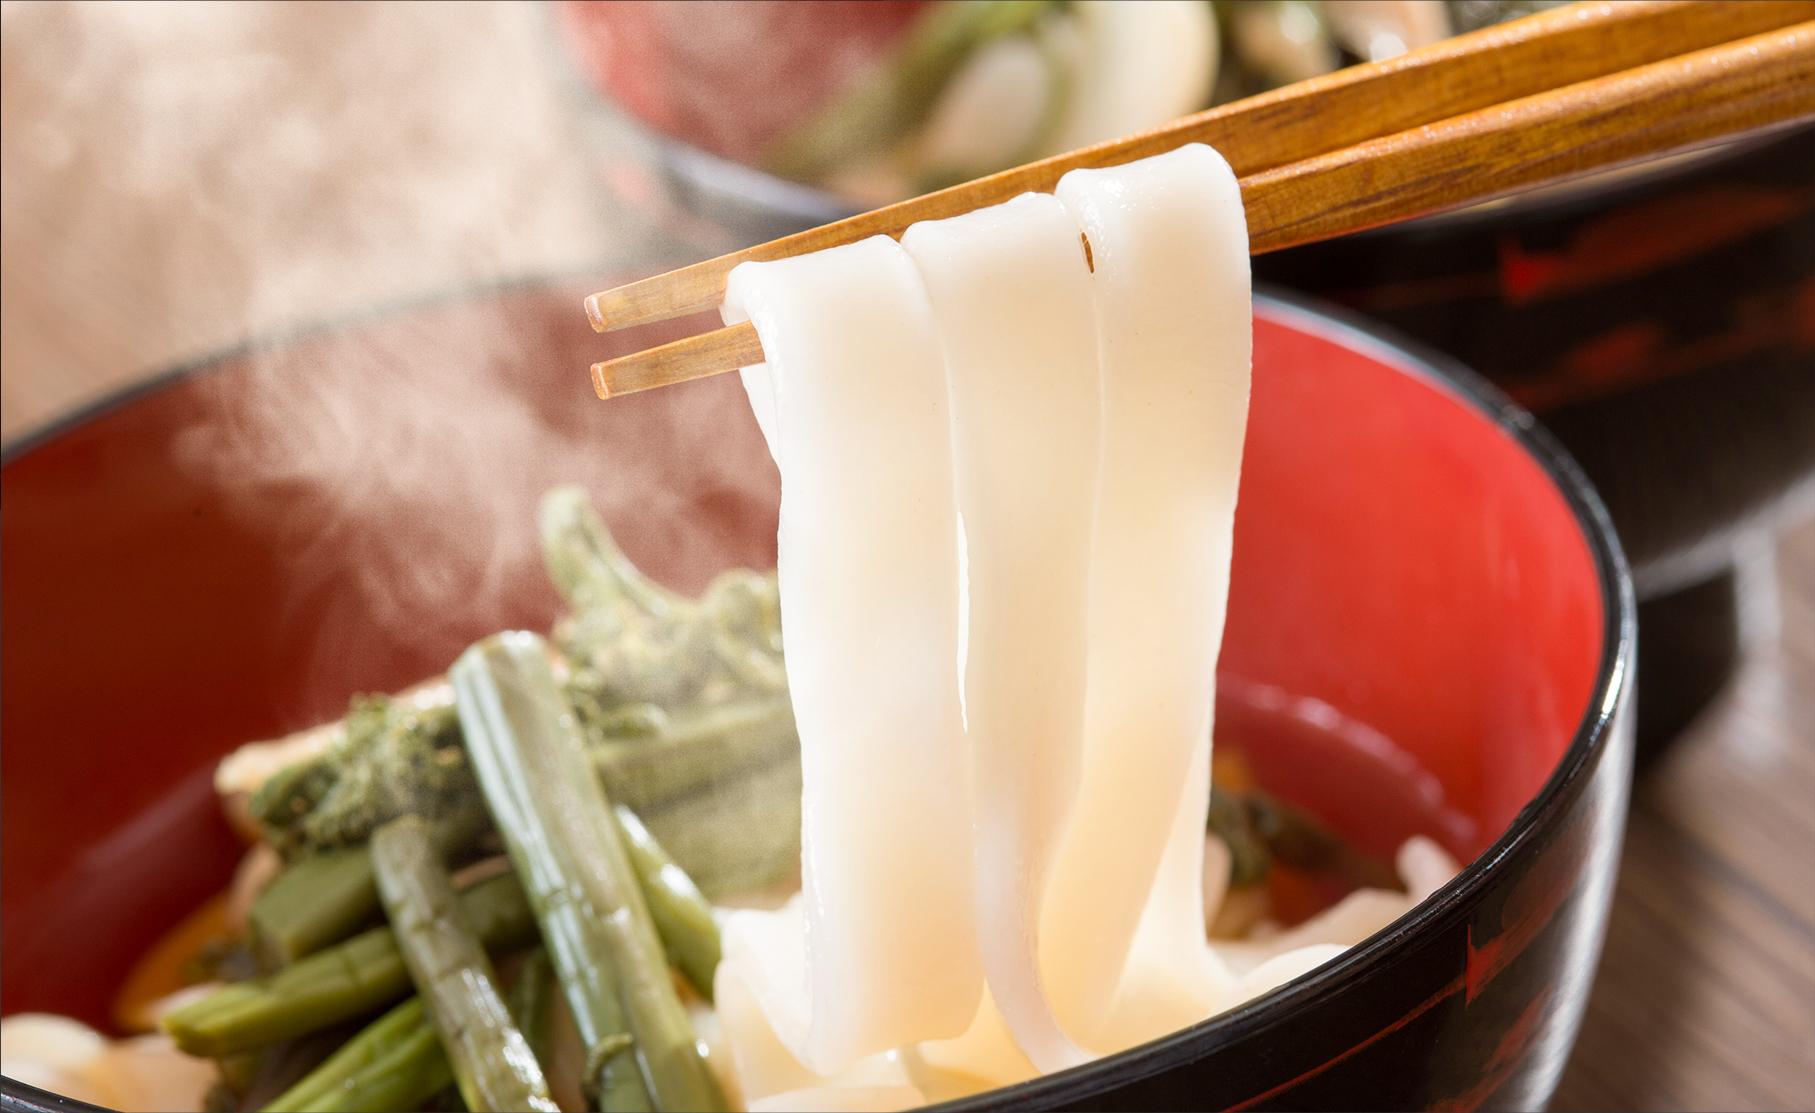 きしめん 食べておきたい名古屋ならではの郷土・名物料理4品